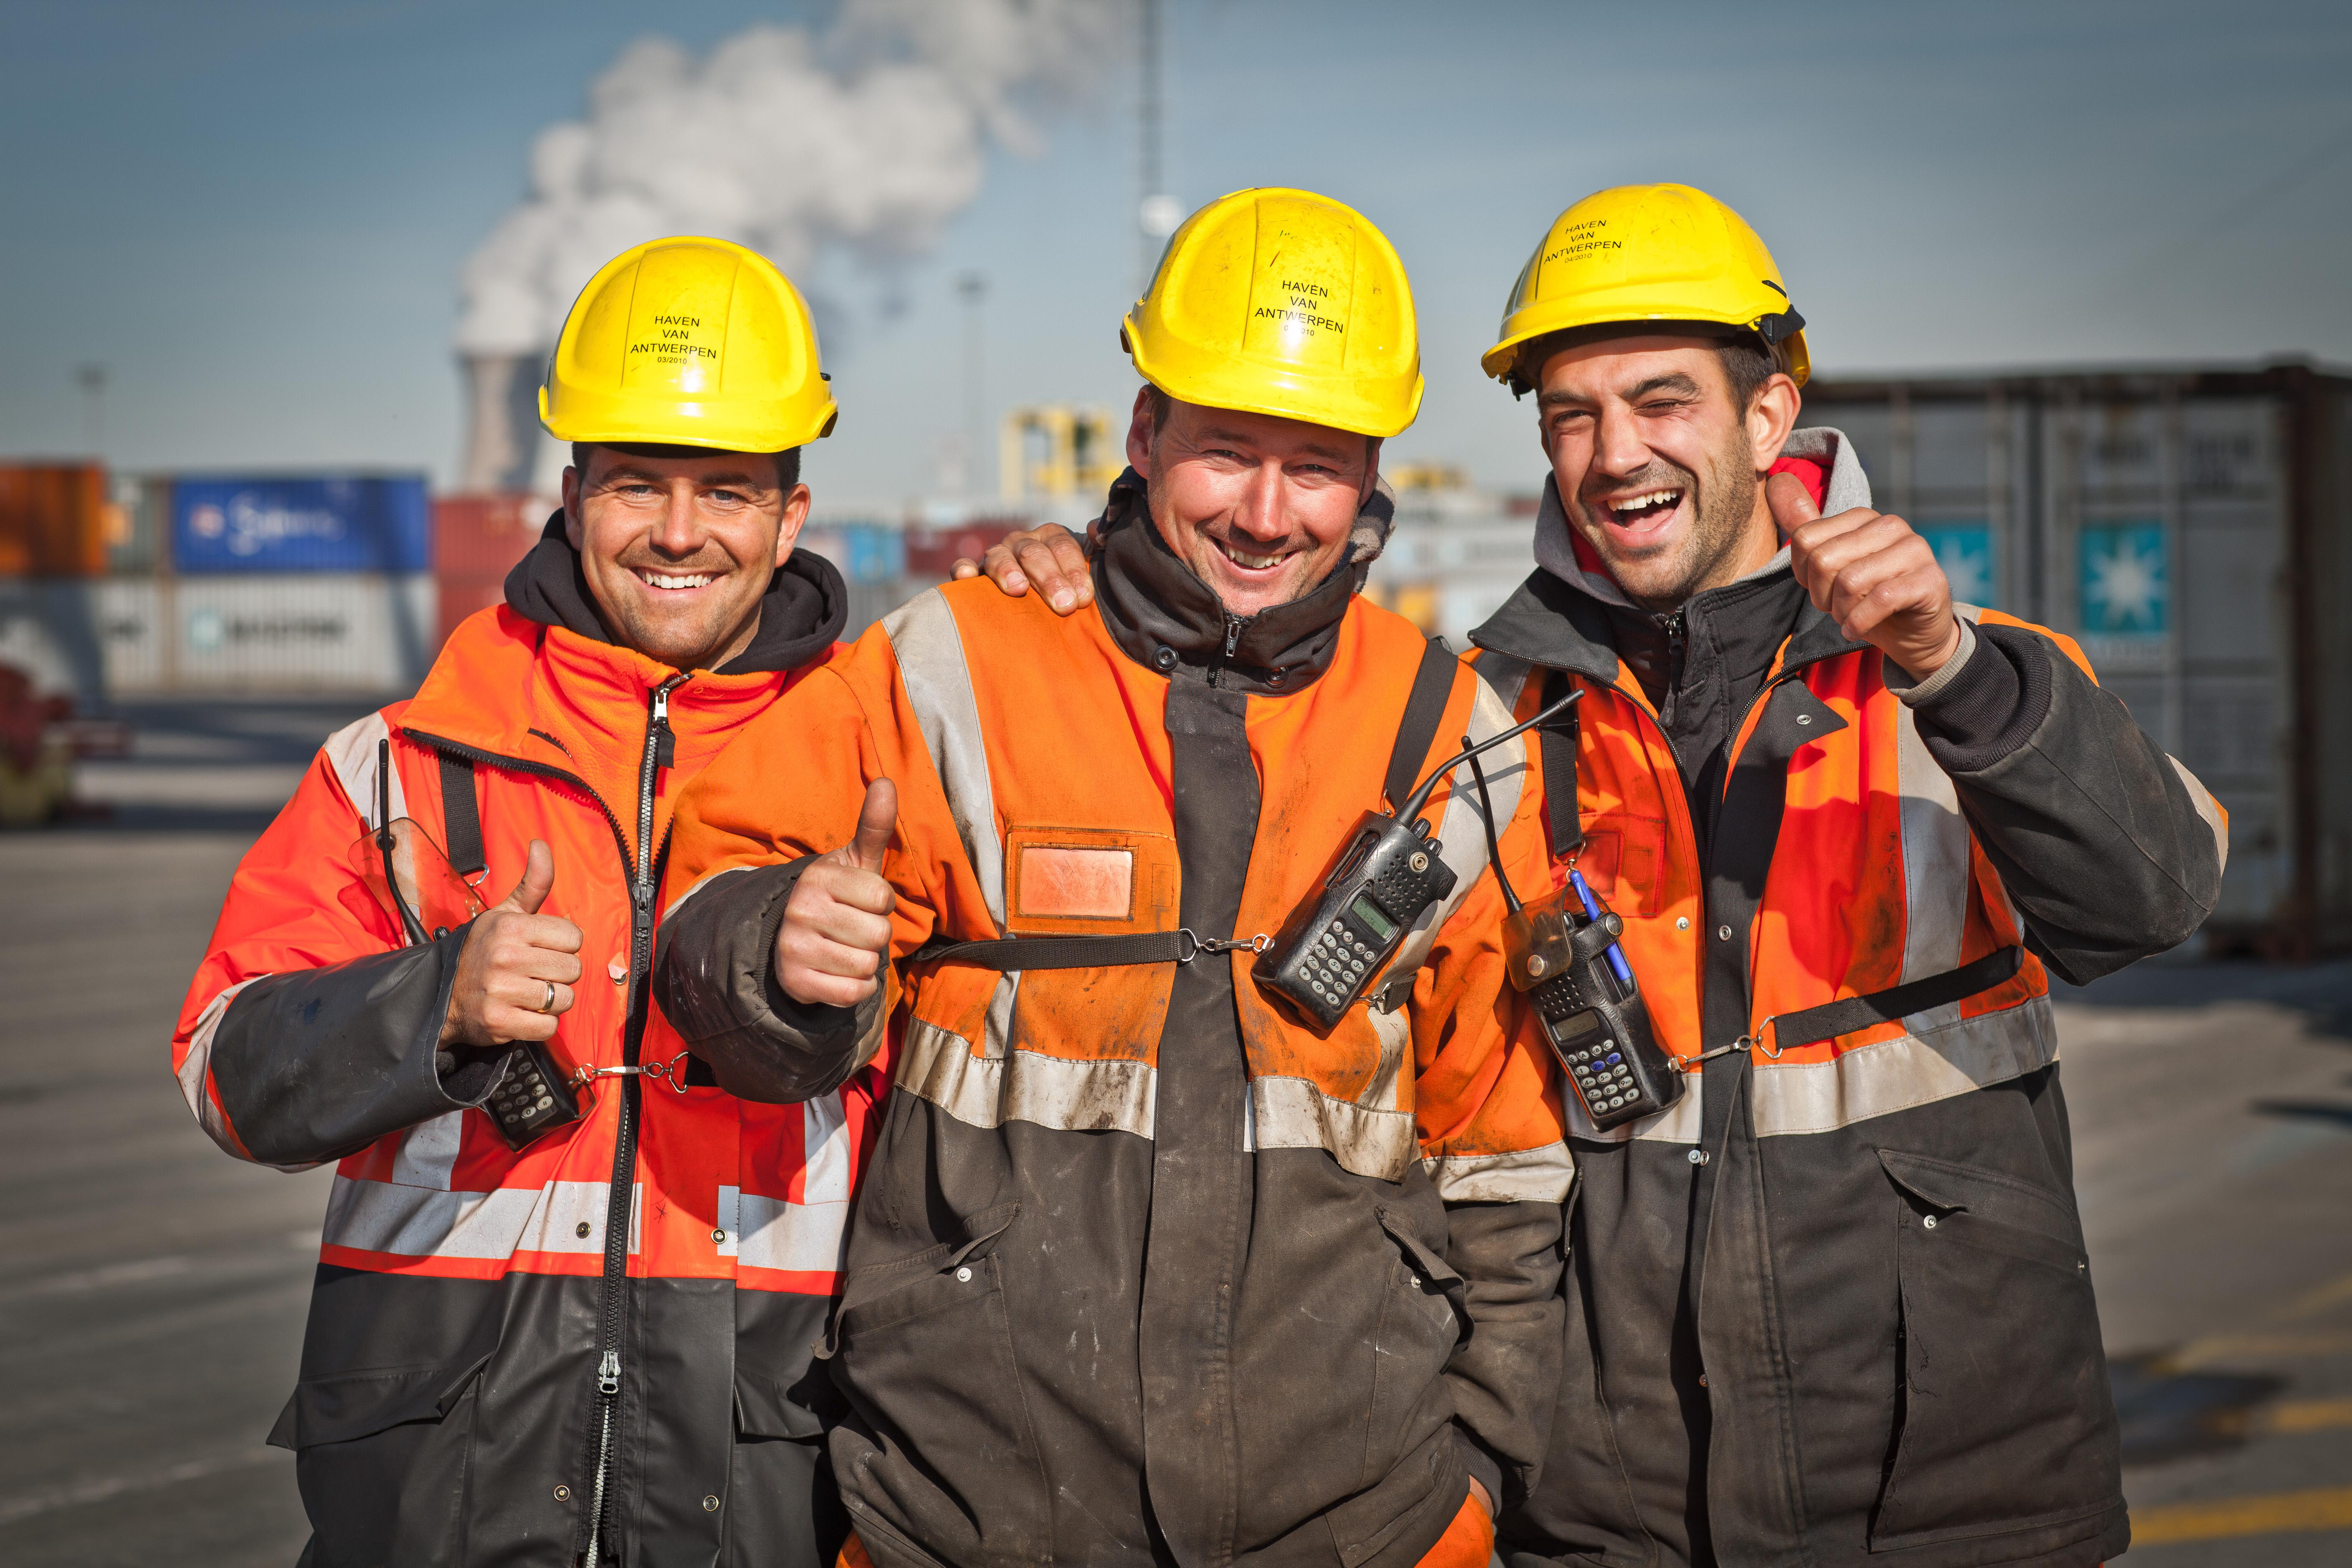 Werken bij PSA Antwerpen, containerbehandelaar in de Haven van Antwerpen